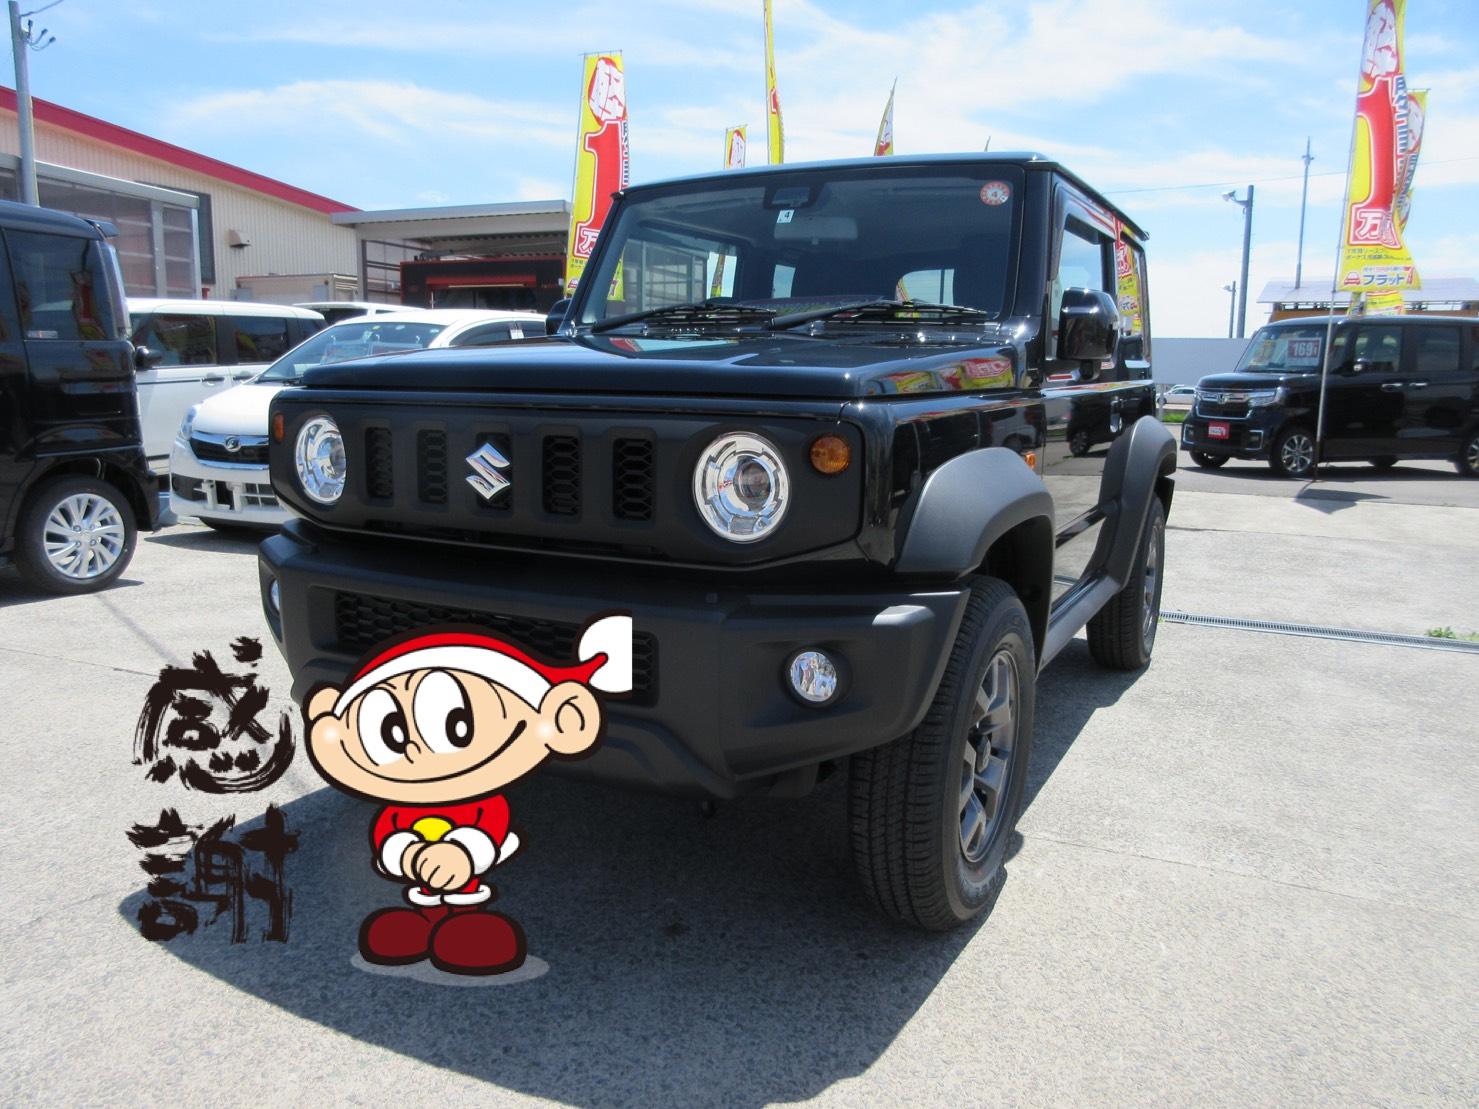 ジムニーシエラ 新車 黒石市のお客様 のイメージ画像|黒石カーリース専門店フラット7黒石